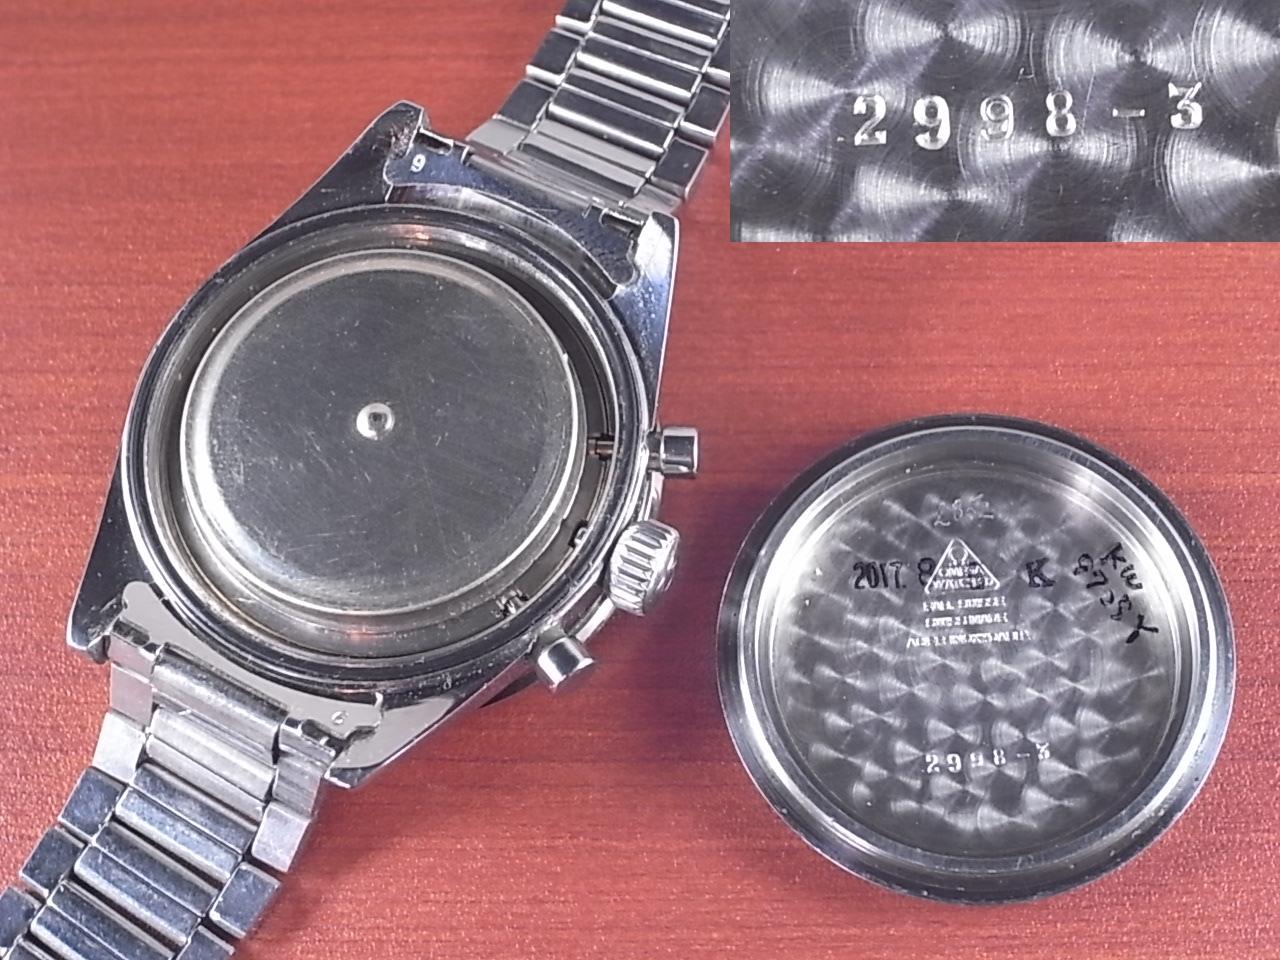 オメガ スピードマスター セカンドモデル Ref.2998-3 1960年代の写真6枚目